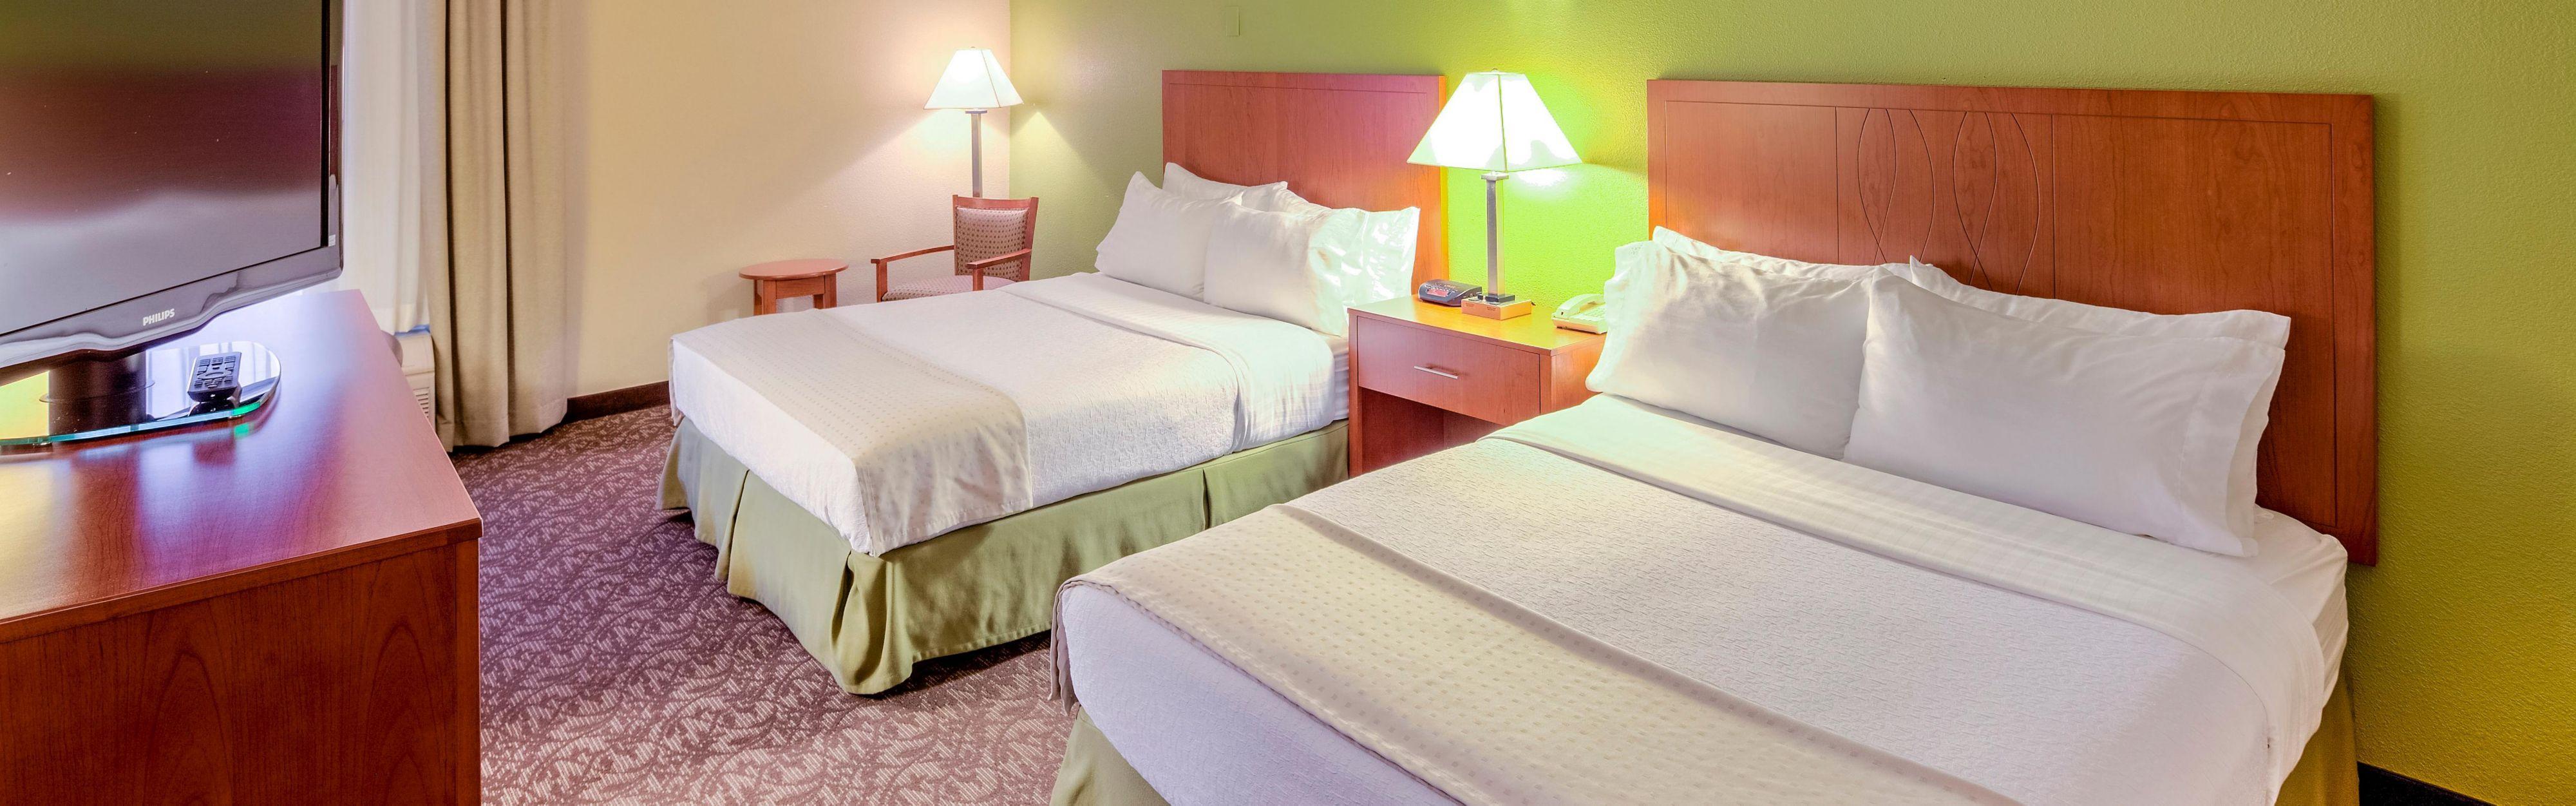 Hotel Indigo - TripAdvisor: Read Reviews, Compare Prices